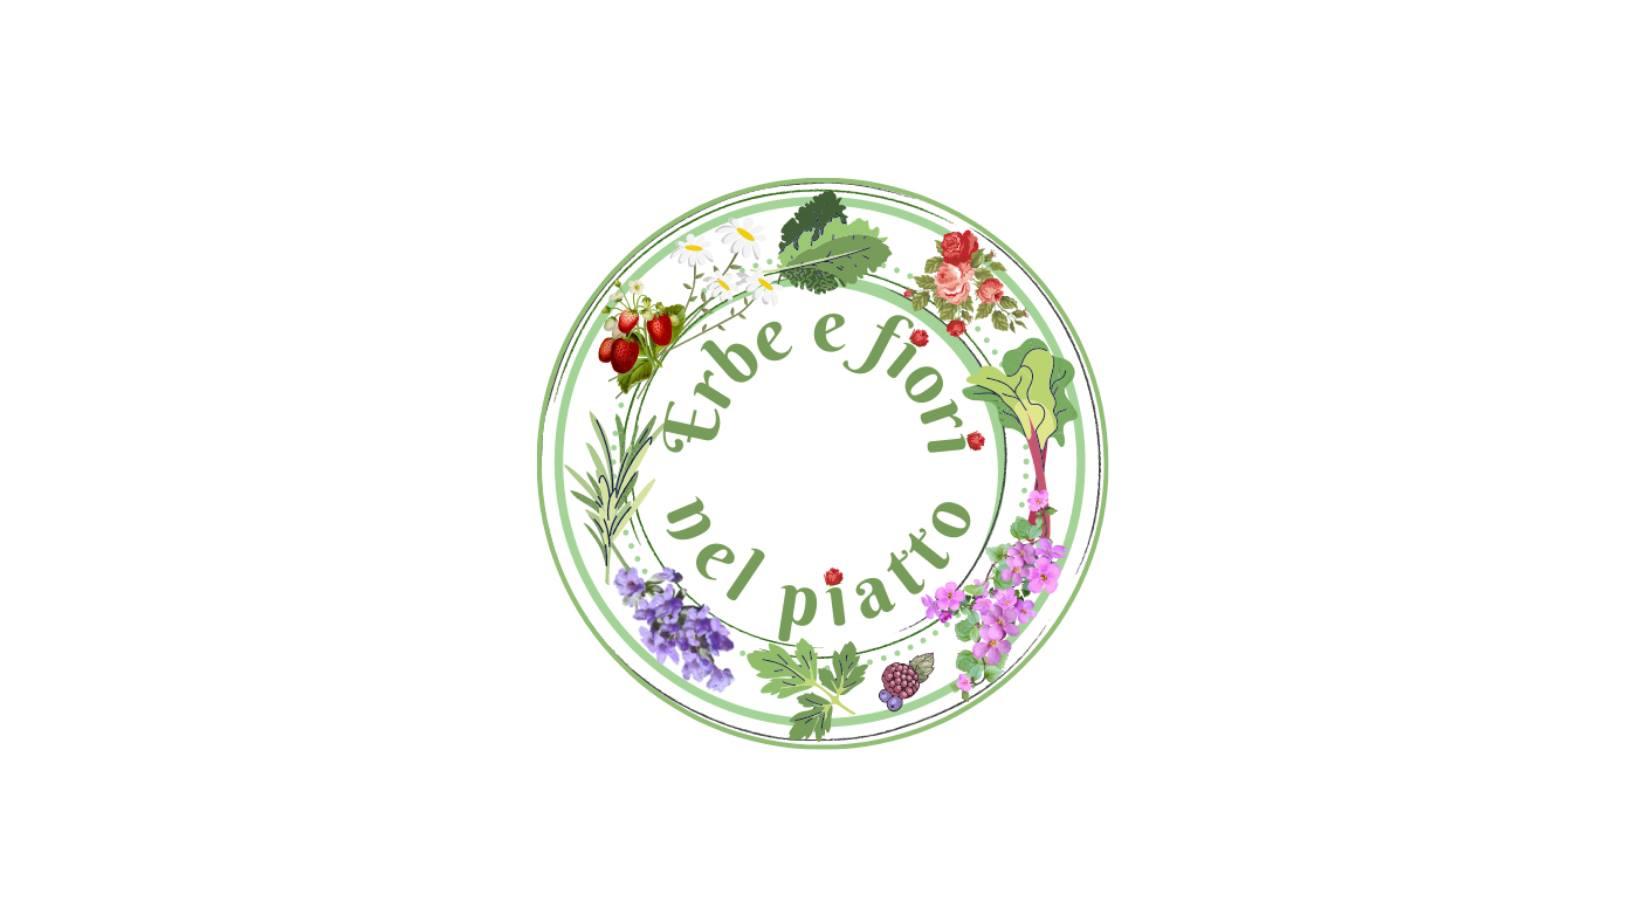 erbe e fiori nel piatto